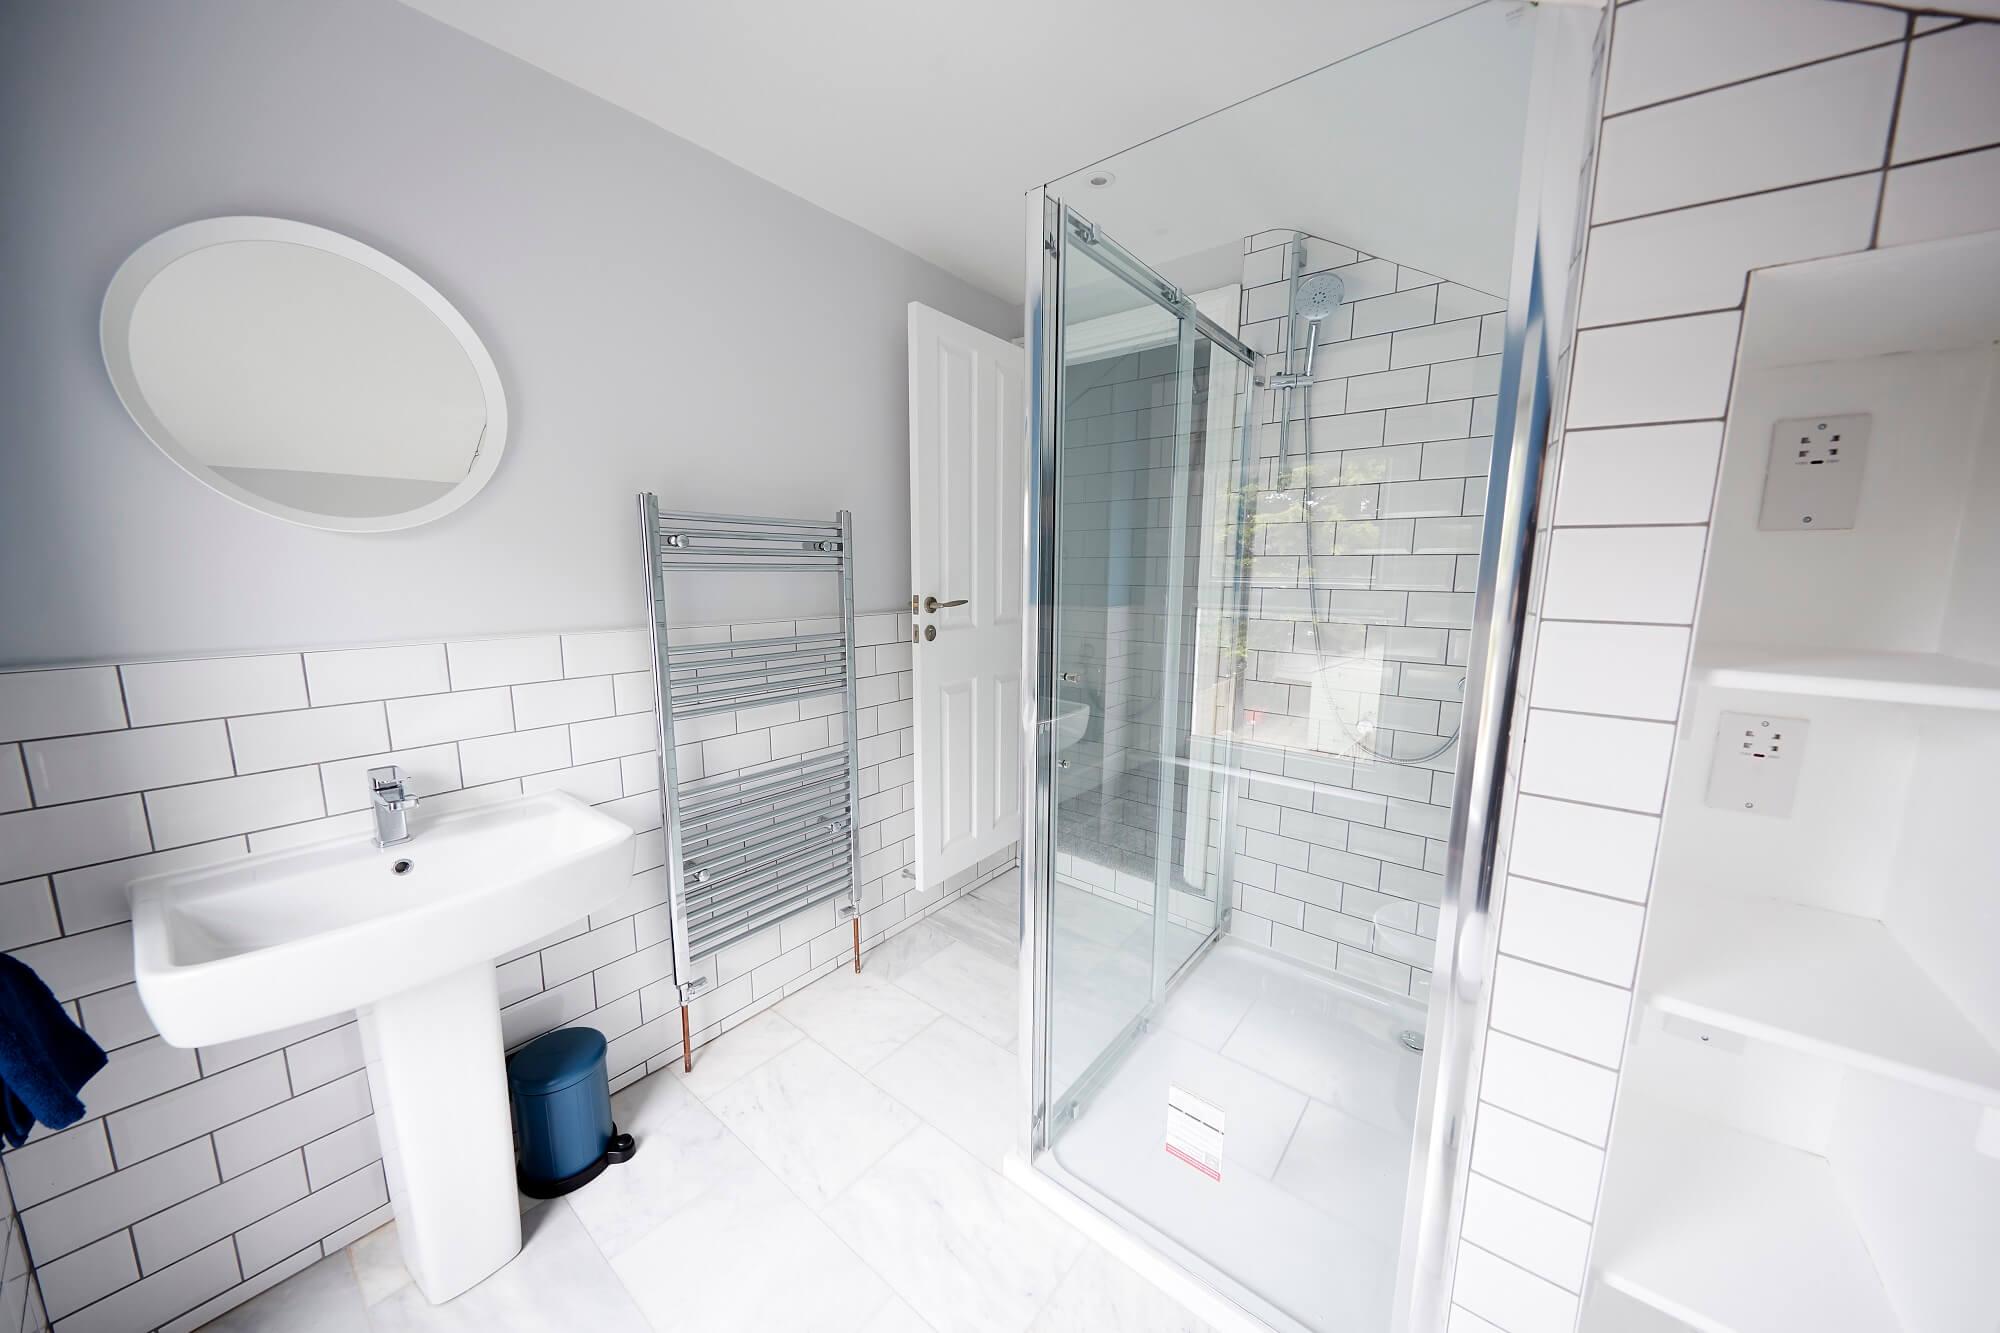 Ullrich Heizungsbau - Badausstattung Sanitär